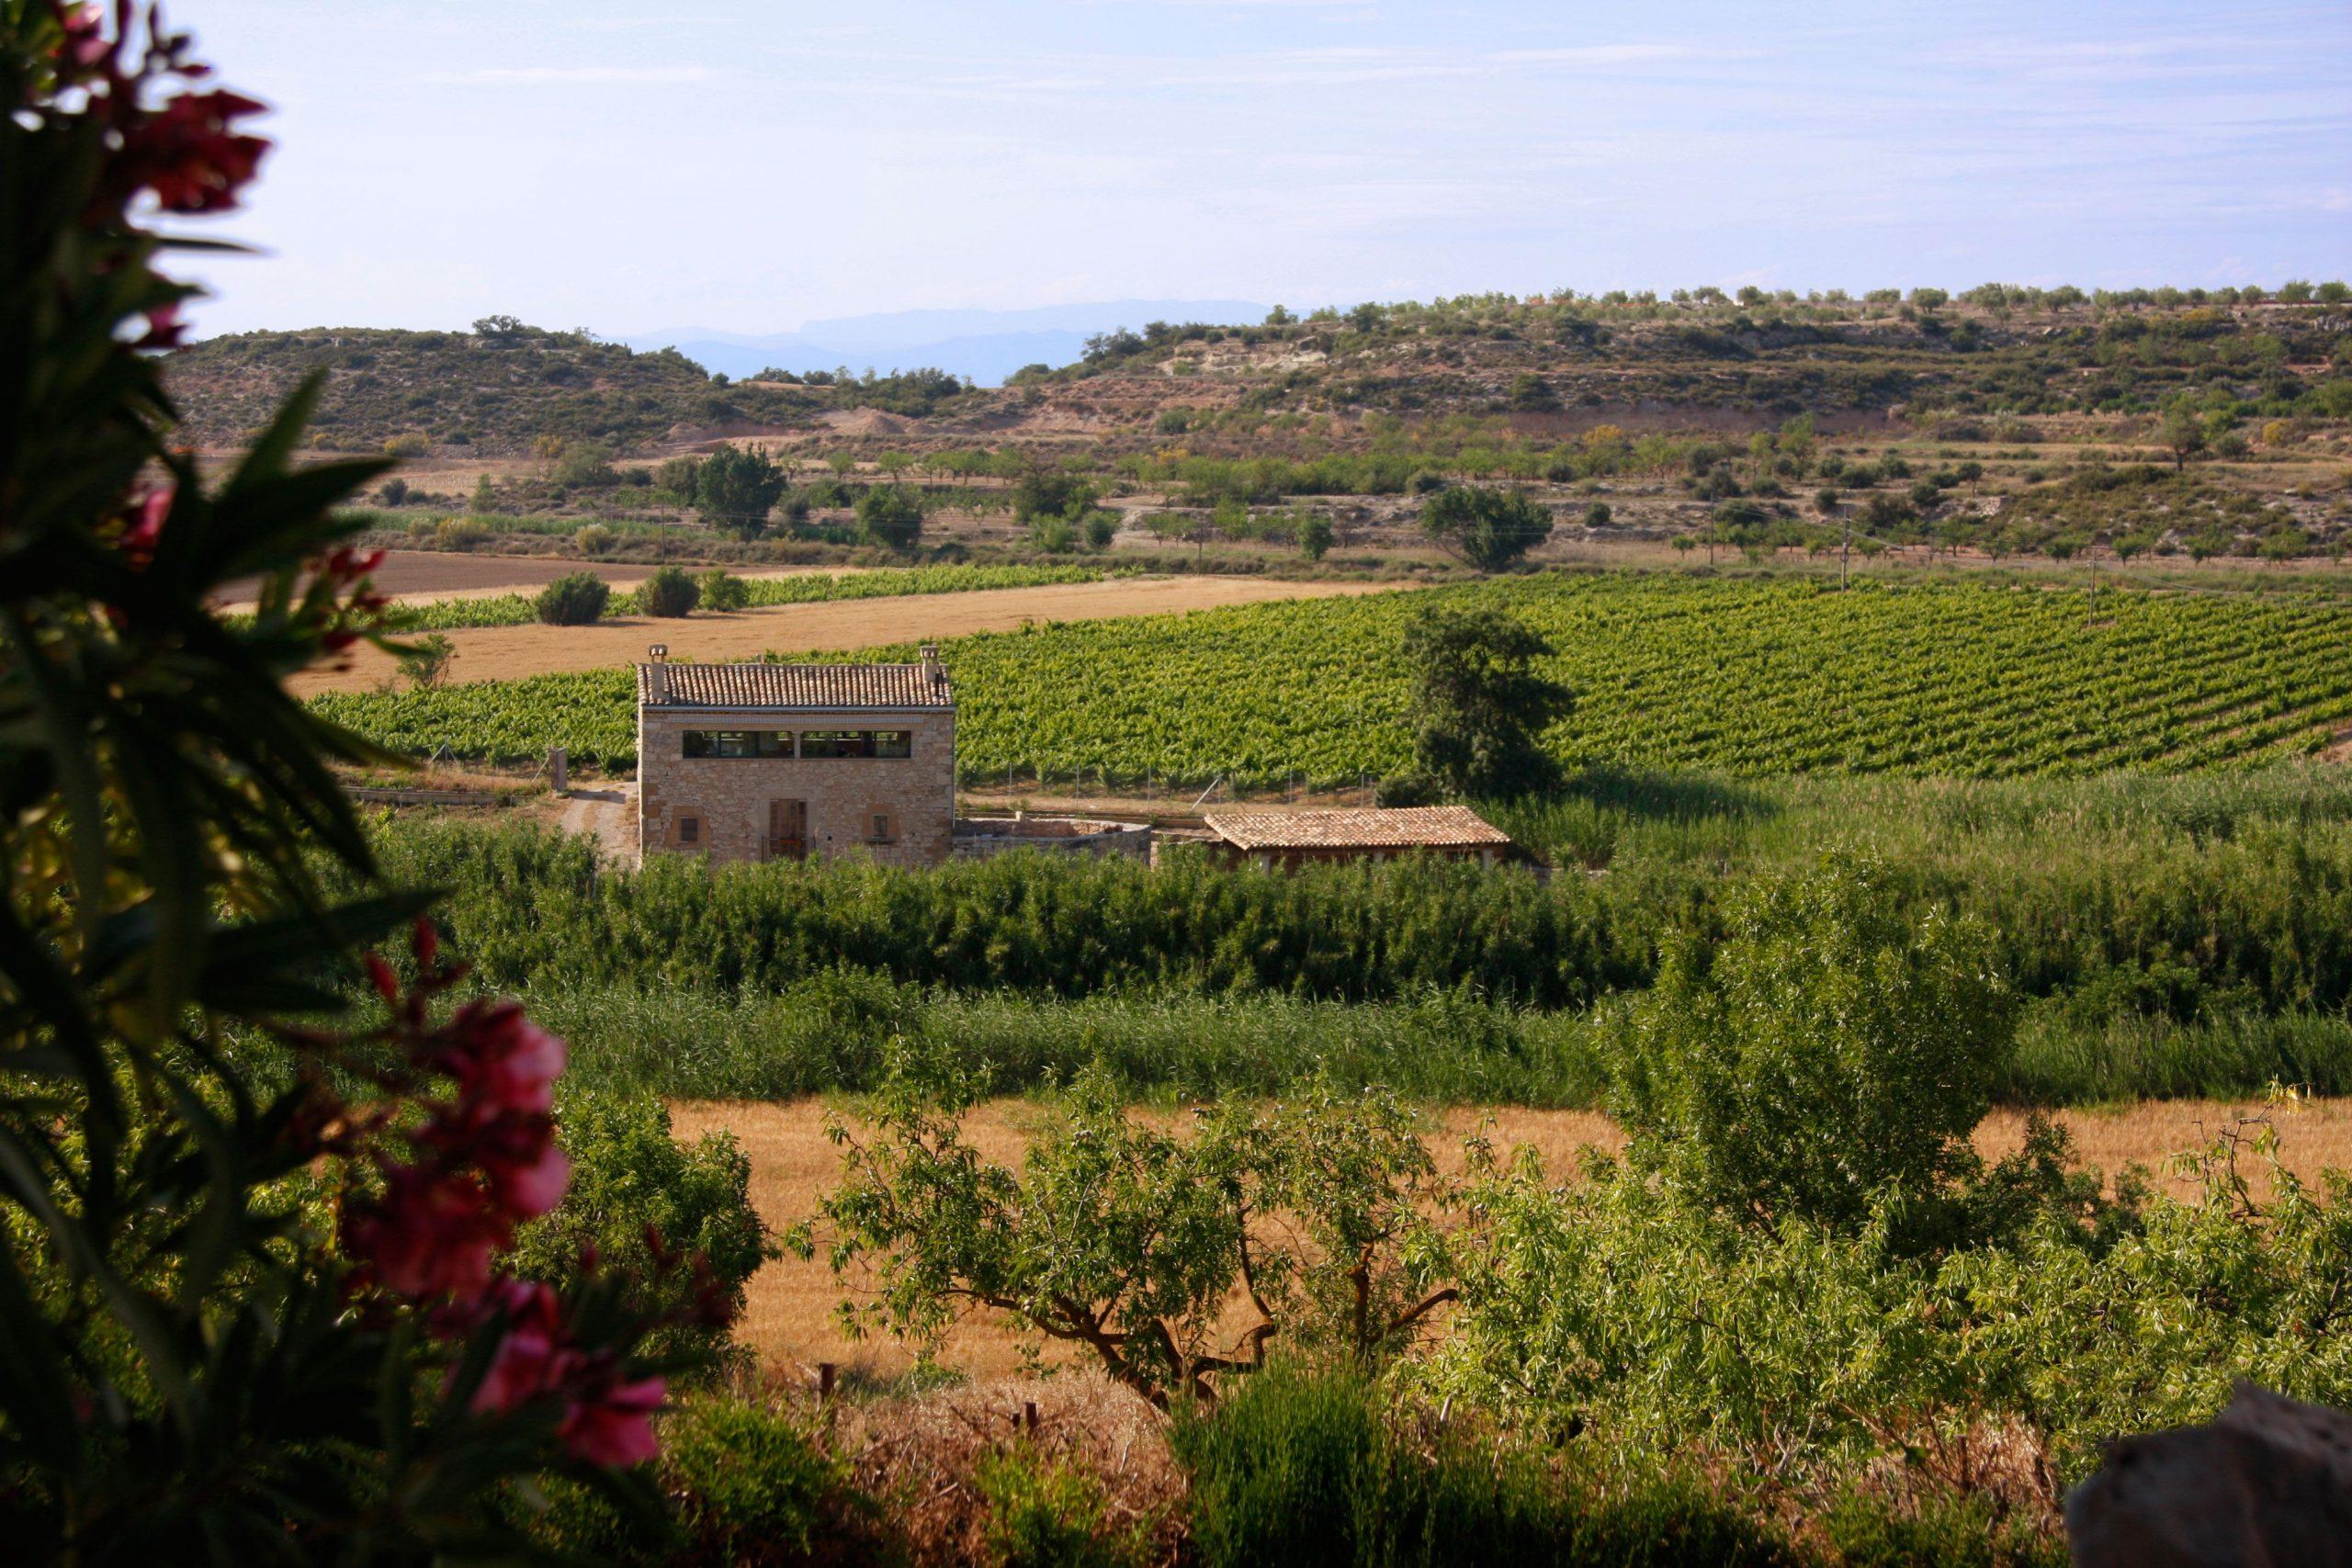 Imagen de Mas Fogonussa, nuestra casa rural, rodeada de los viñedos, el bosque y algunas flores.